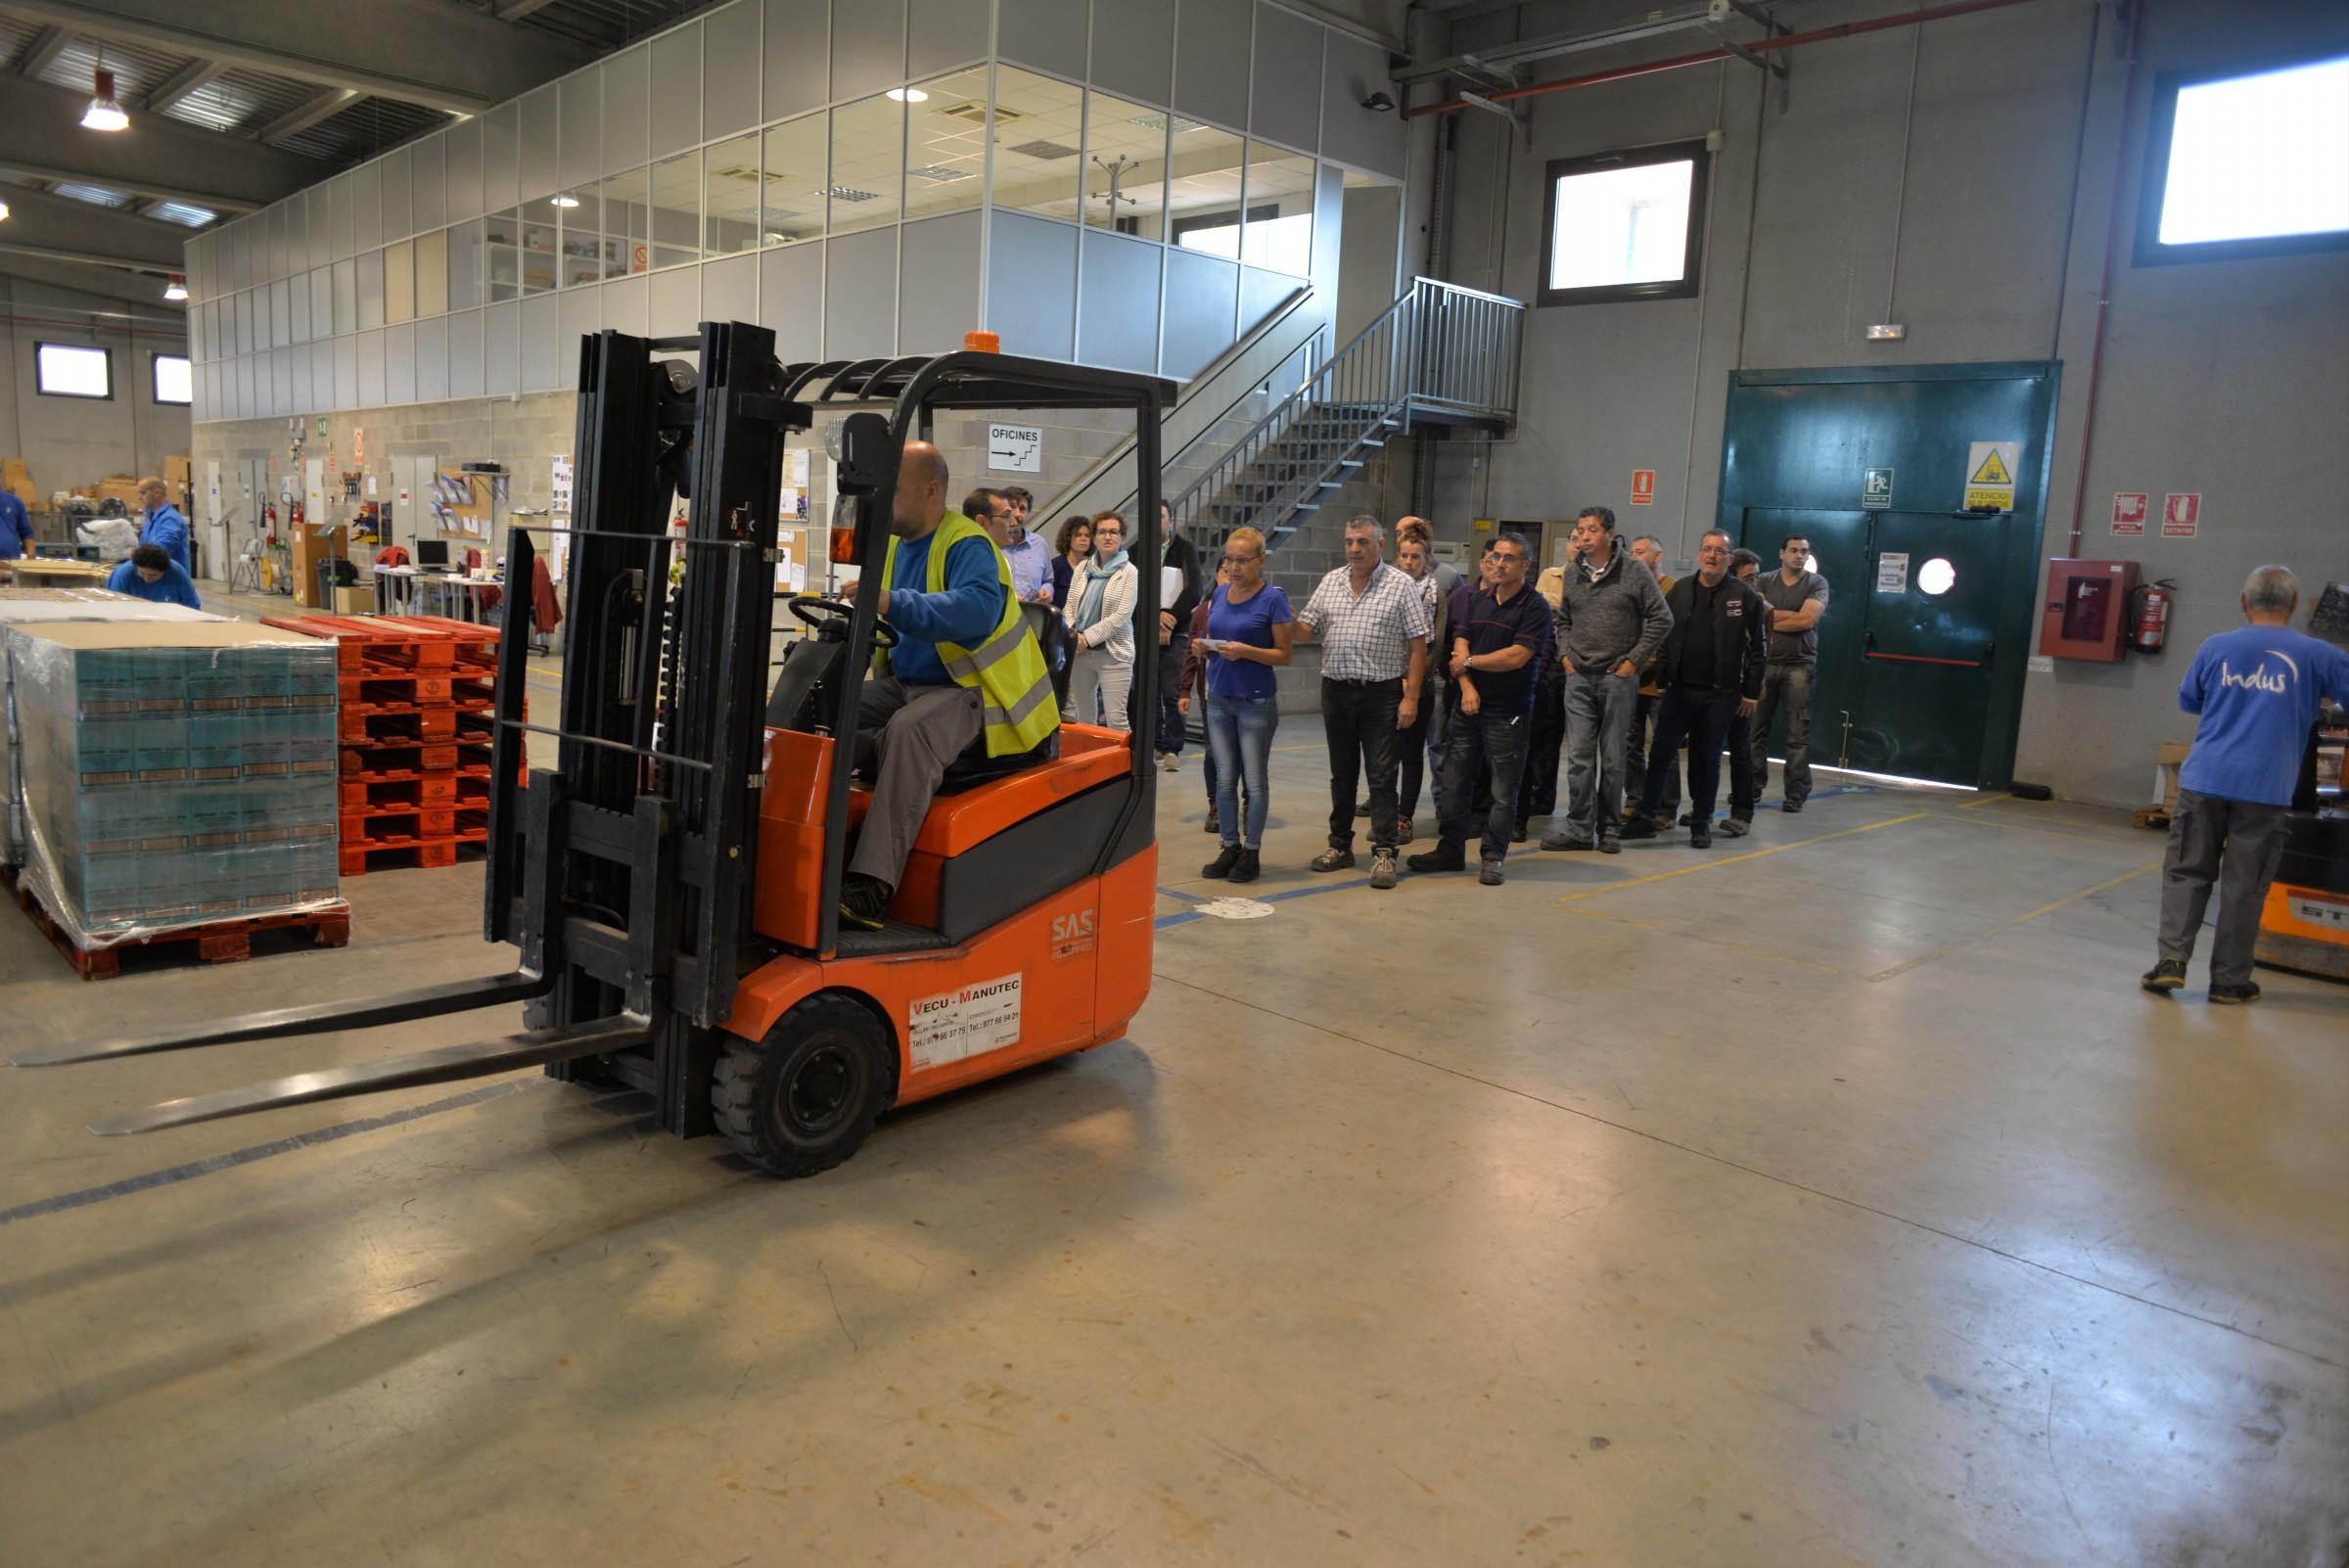 La Xarxa d'Ocupació del Baix Penedès capacita persones del territori per treballar en l'àmbit industrial i logístic